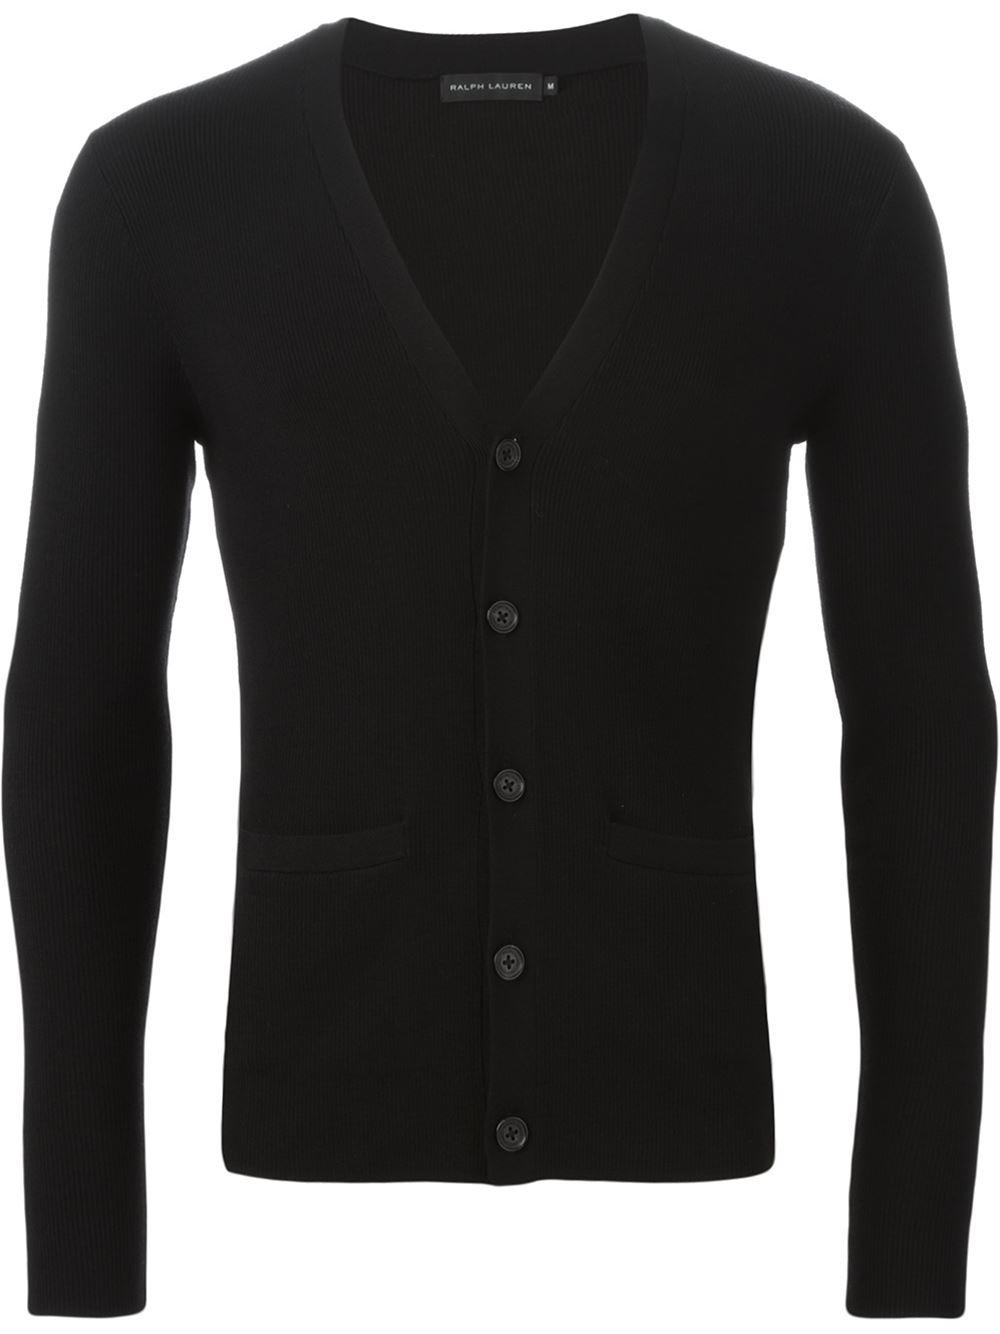 ralph lauren black label ribbed slim fit cardigan in black. Black Bedroom Furniture Sets. Home Design Ideas